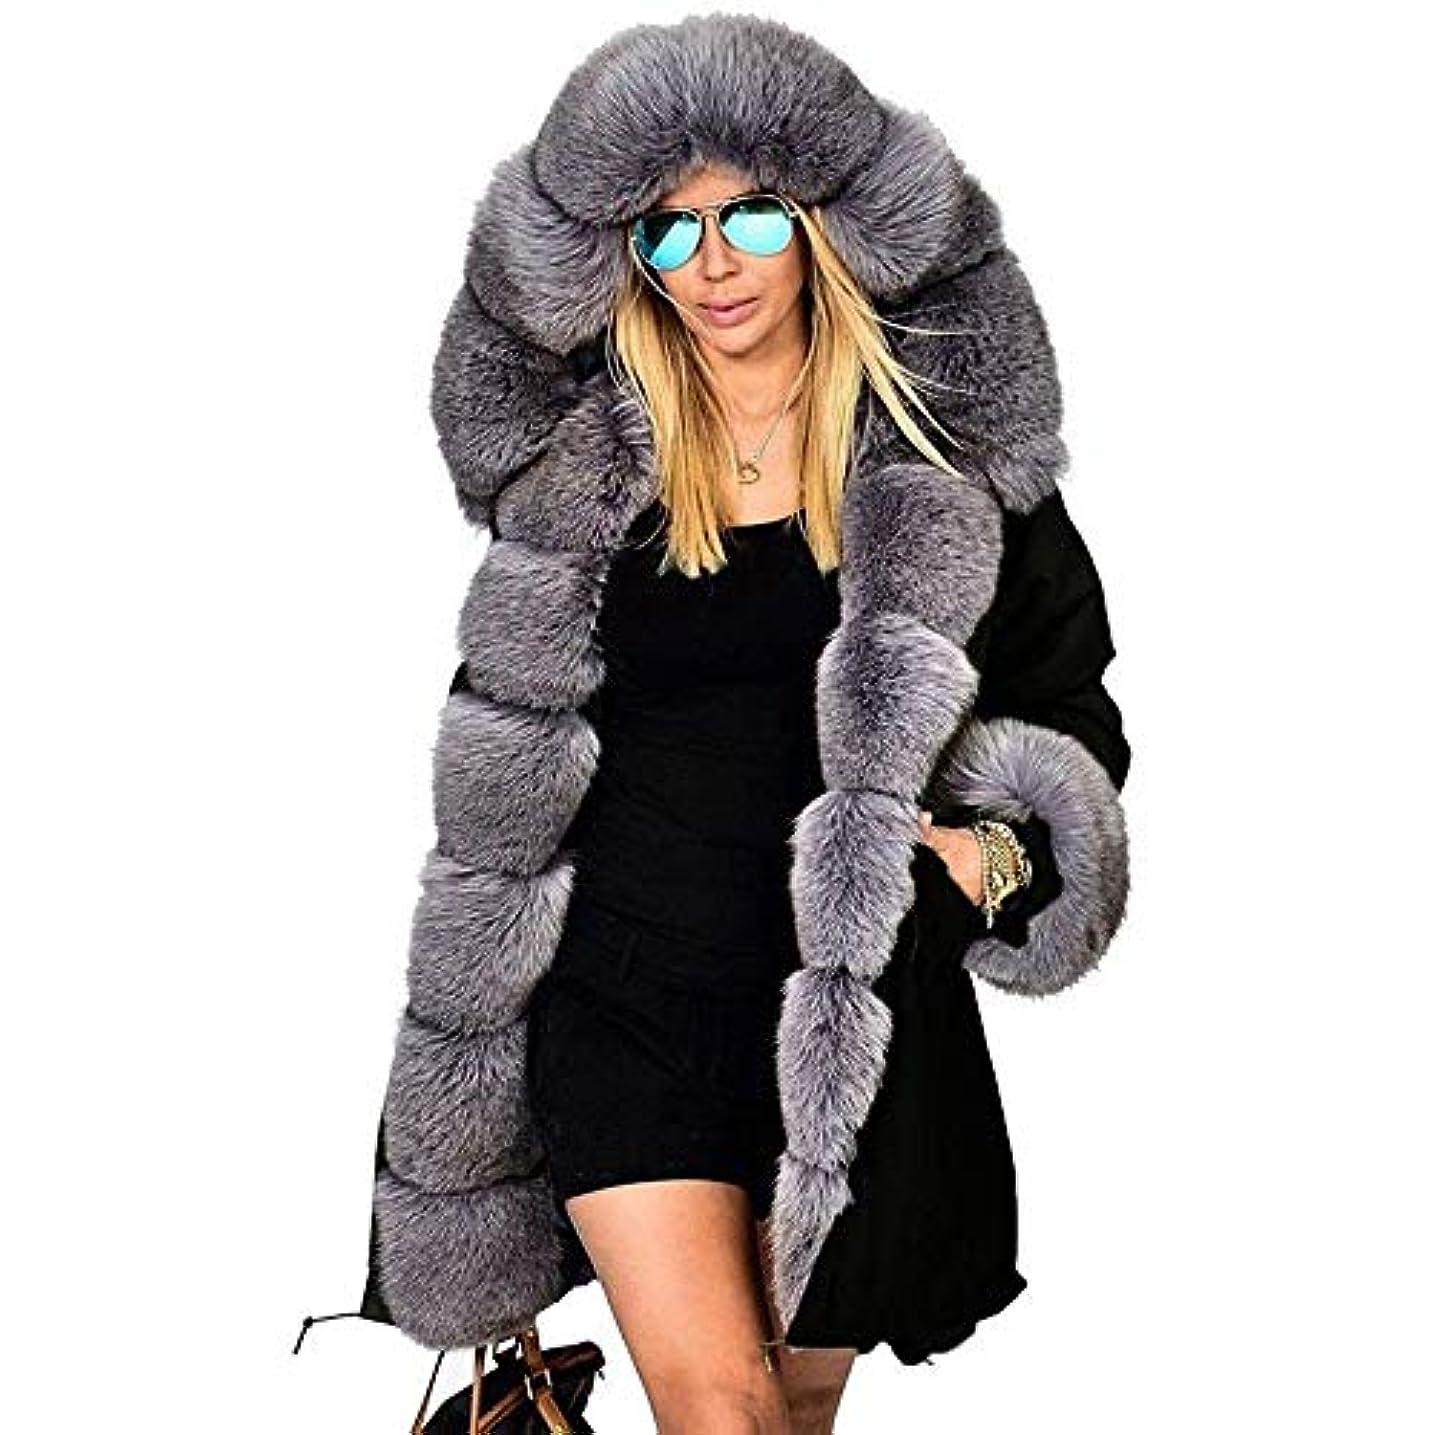 アドバイス驚くばかりマウントファッションウィメンズジャケット女性ウォームコートフェイクファーコットンオーバーコート女性ロングフードコートパーカー,XXL